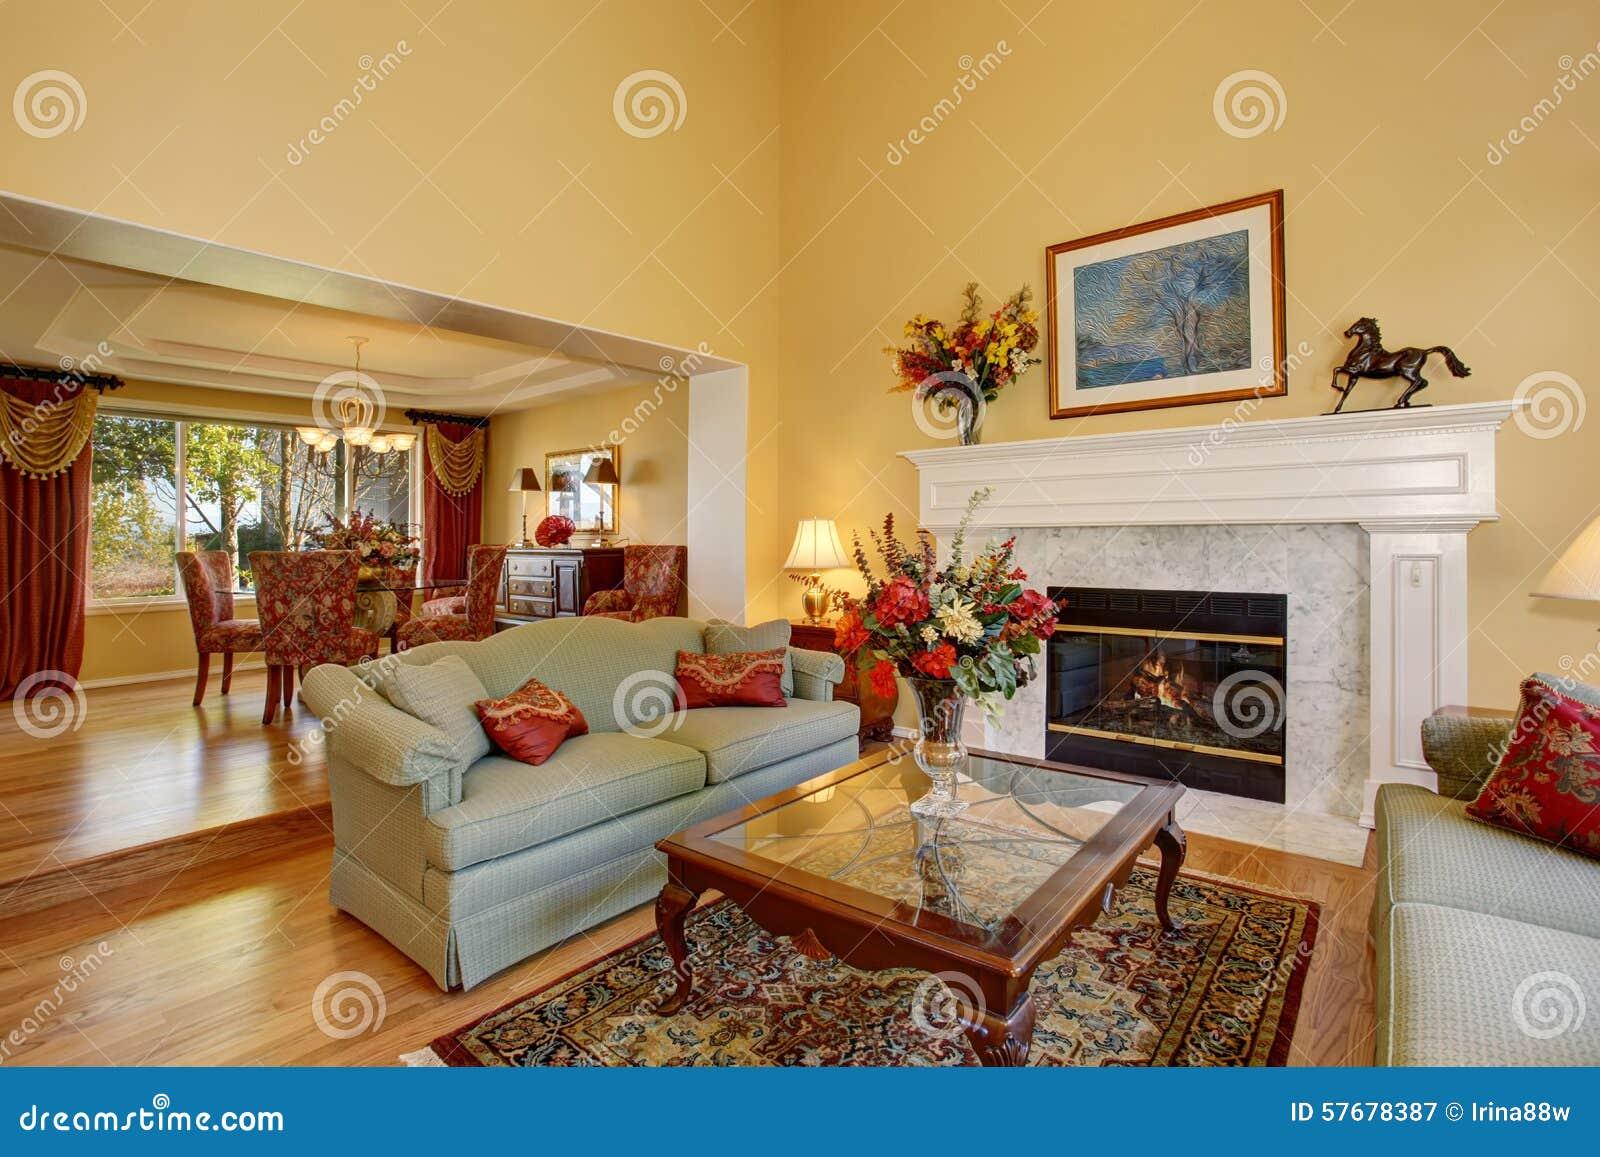 glänzendes wohnzimmer mit grünen sofas und gelbe wände stockfoto ... - Wohnzimmer Gelb Orange